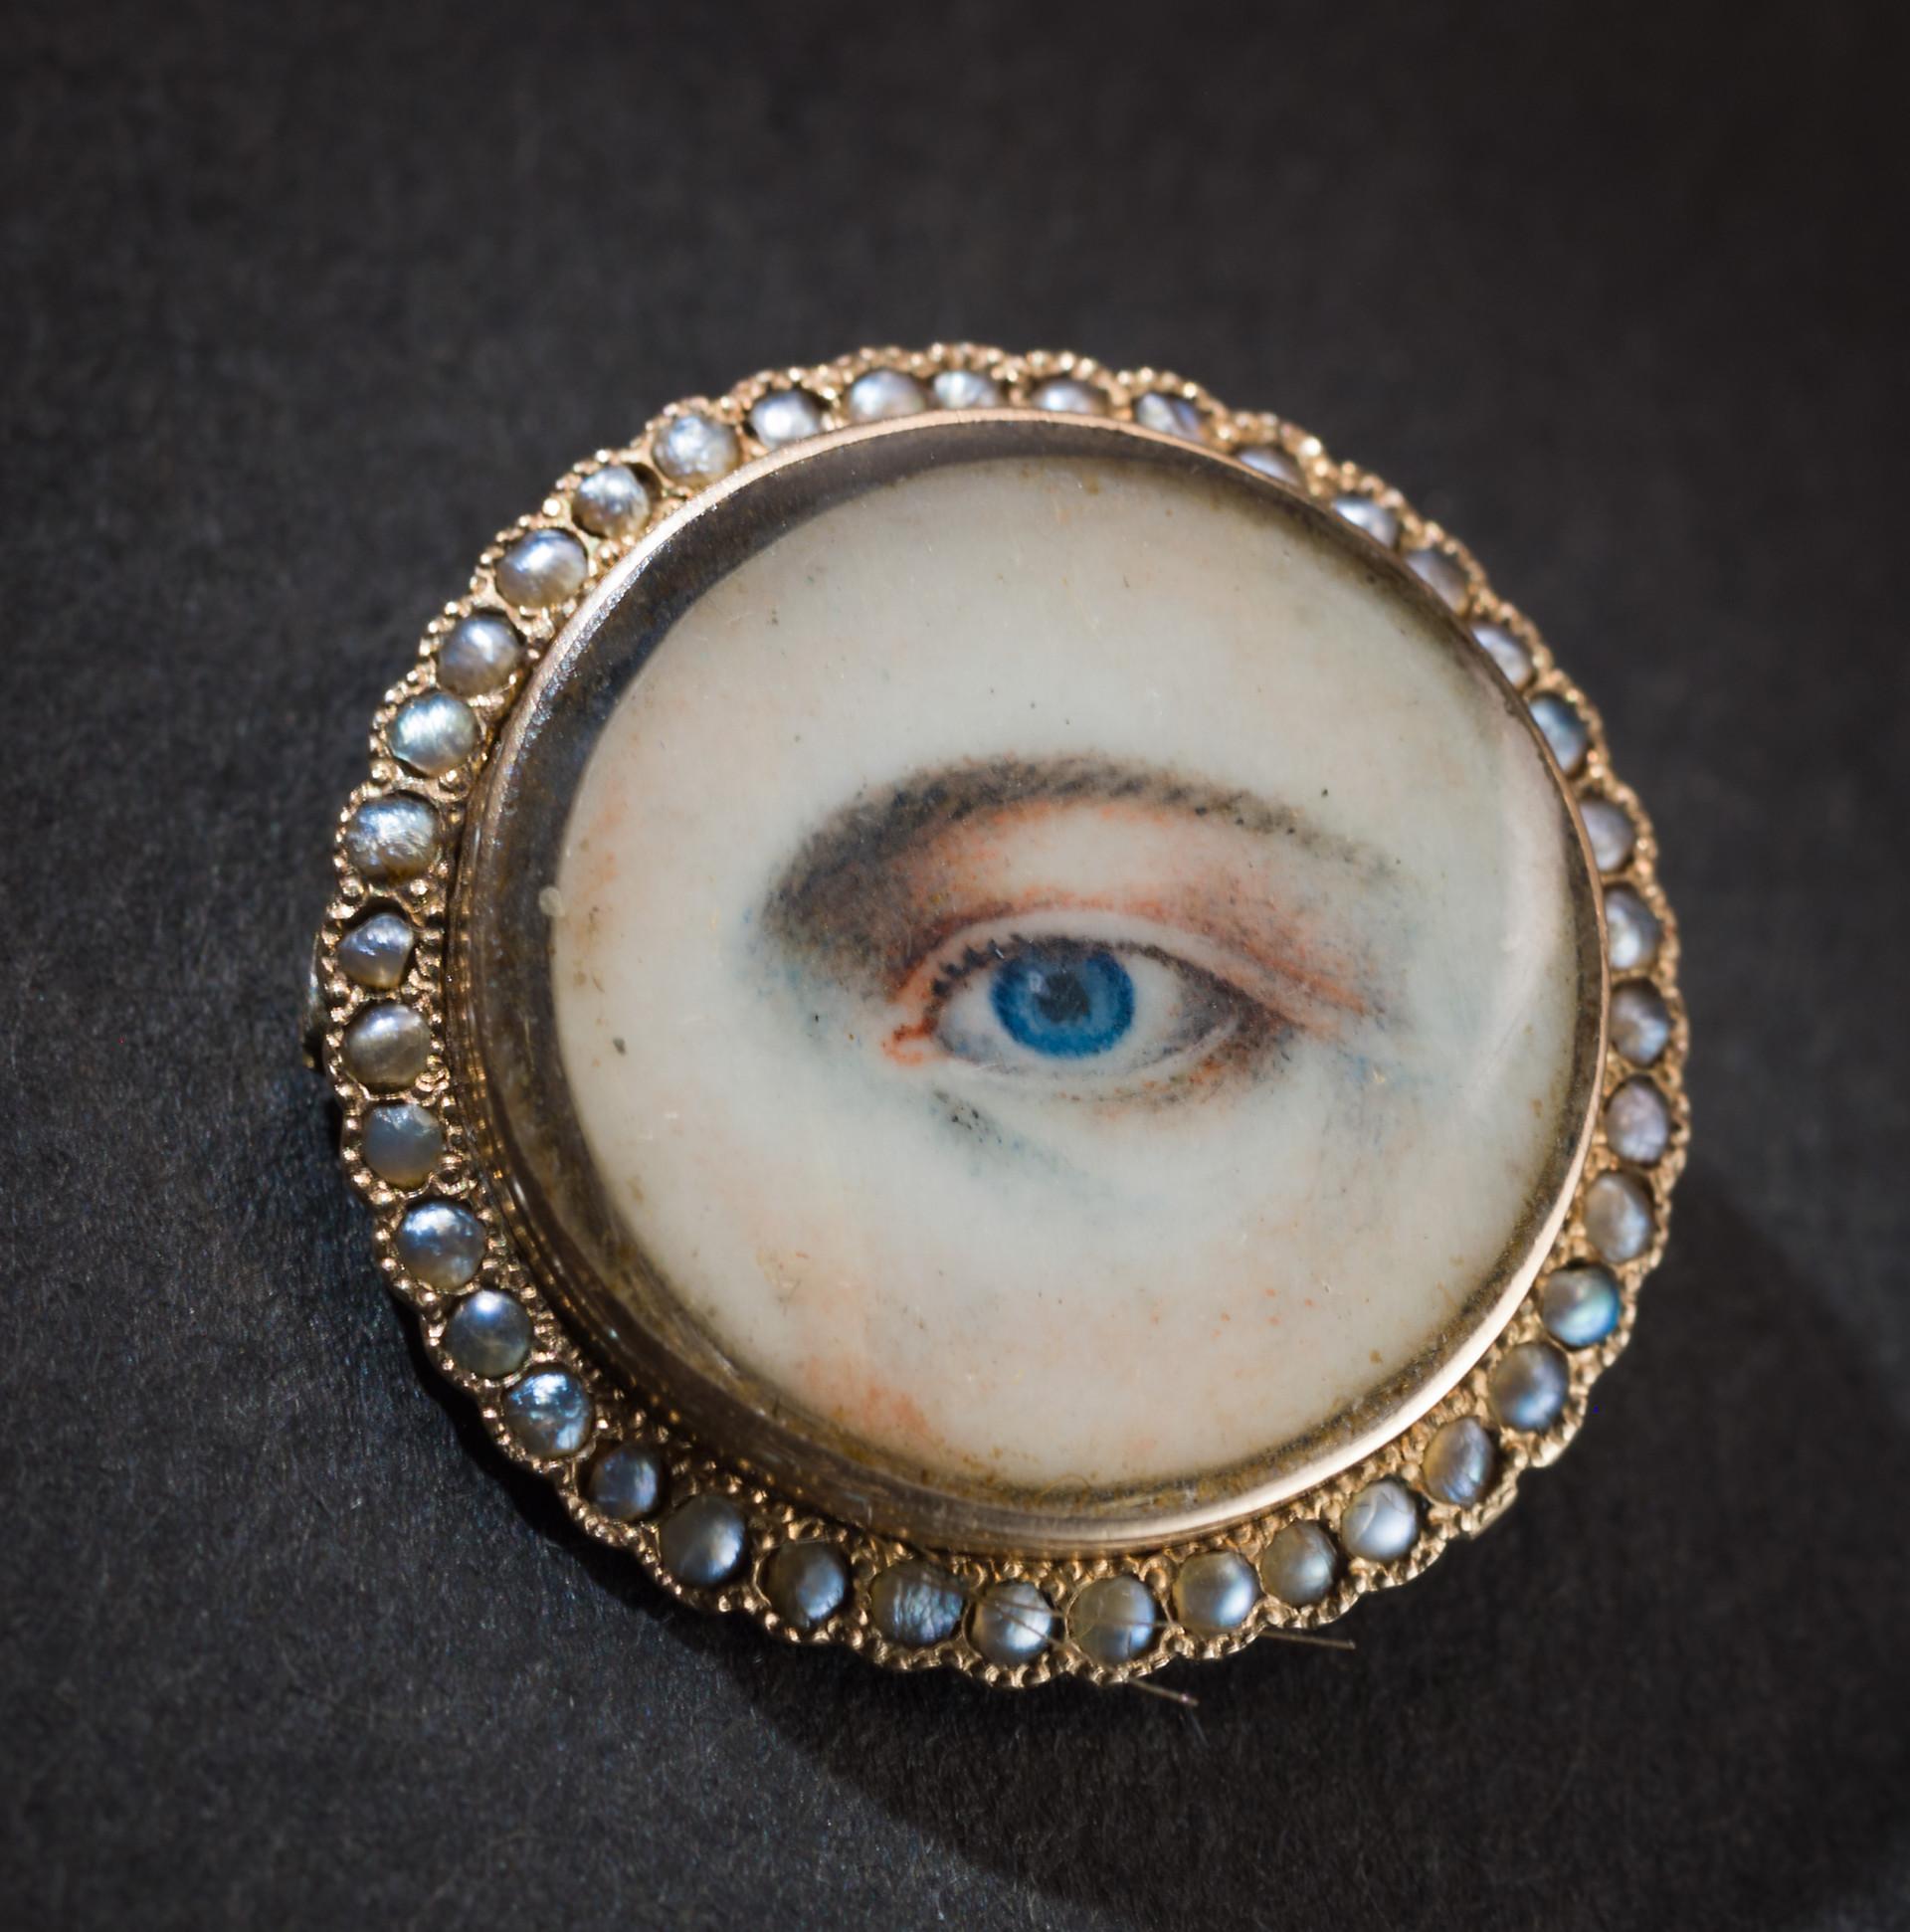 Brosch med hårslinga på baksidan Brosch av guld, ben, pärlor och hår från 1800-talets första hälft. Under den tunna benplattan med det målade ögat ligger en hårlock. Foto: Mats Landin/ Nordiska museet.